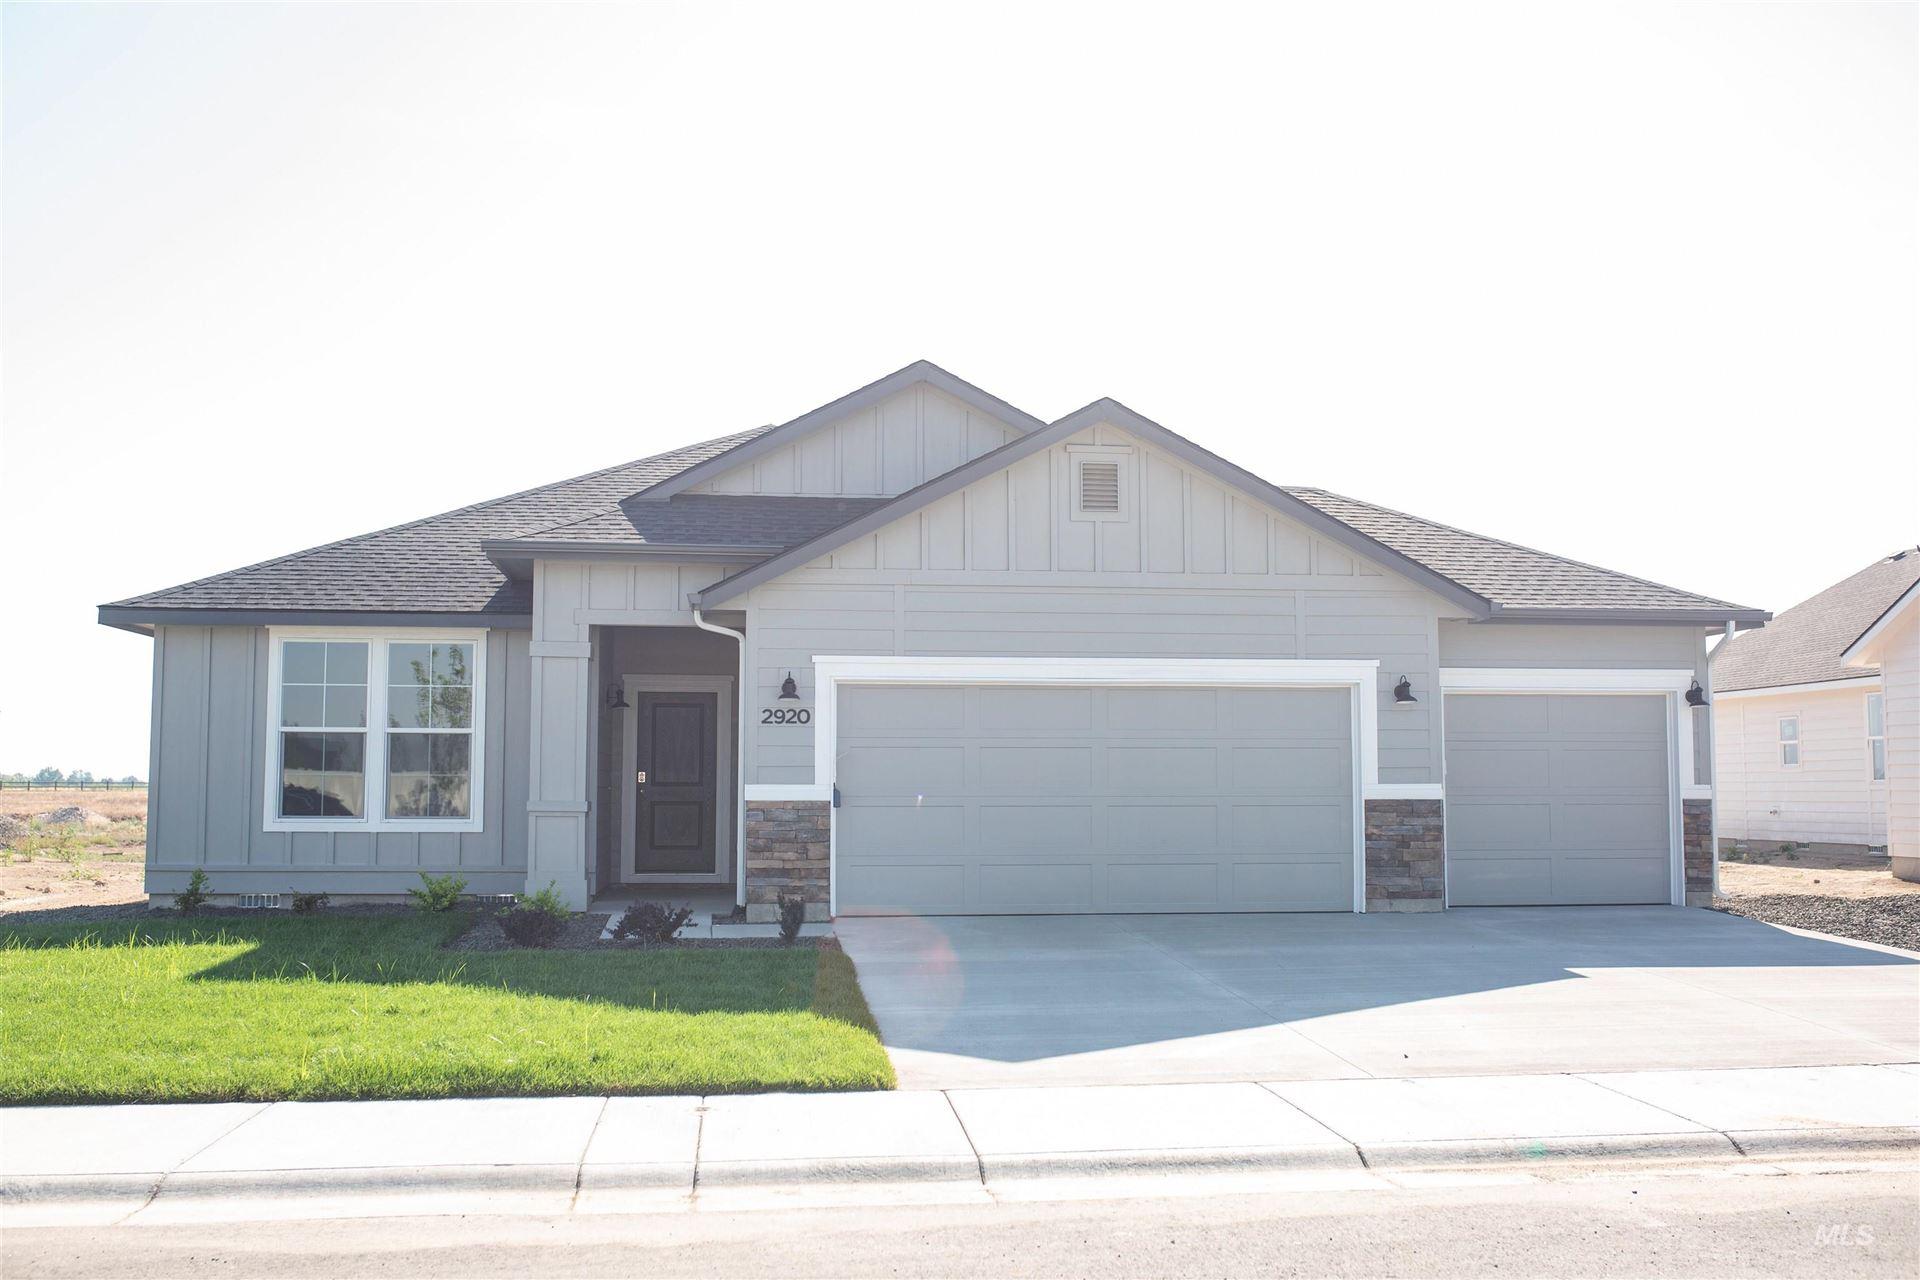 2920 N Sunset Farm Ave, Kuna, ID 83634 - MLS#: 98812688